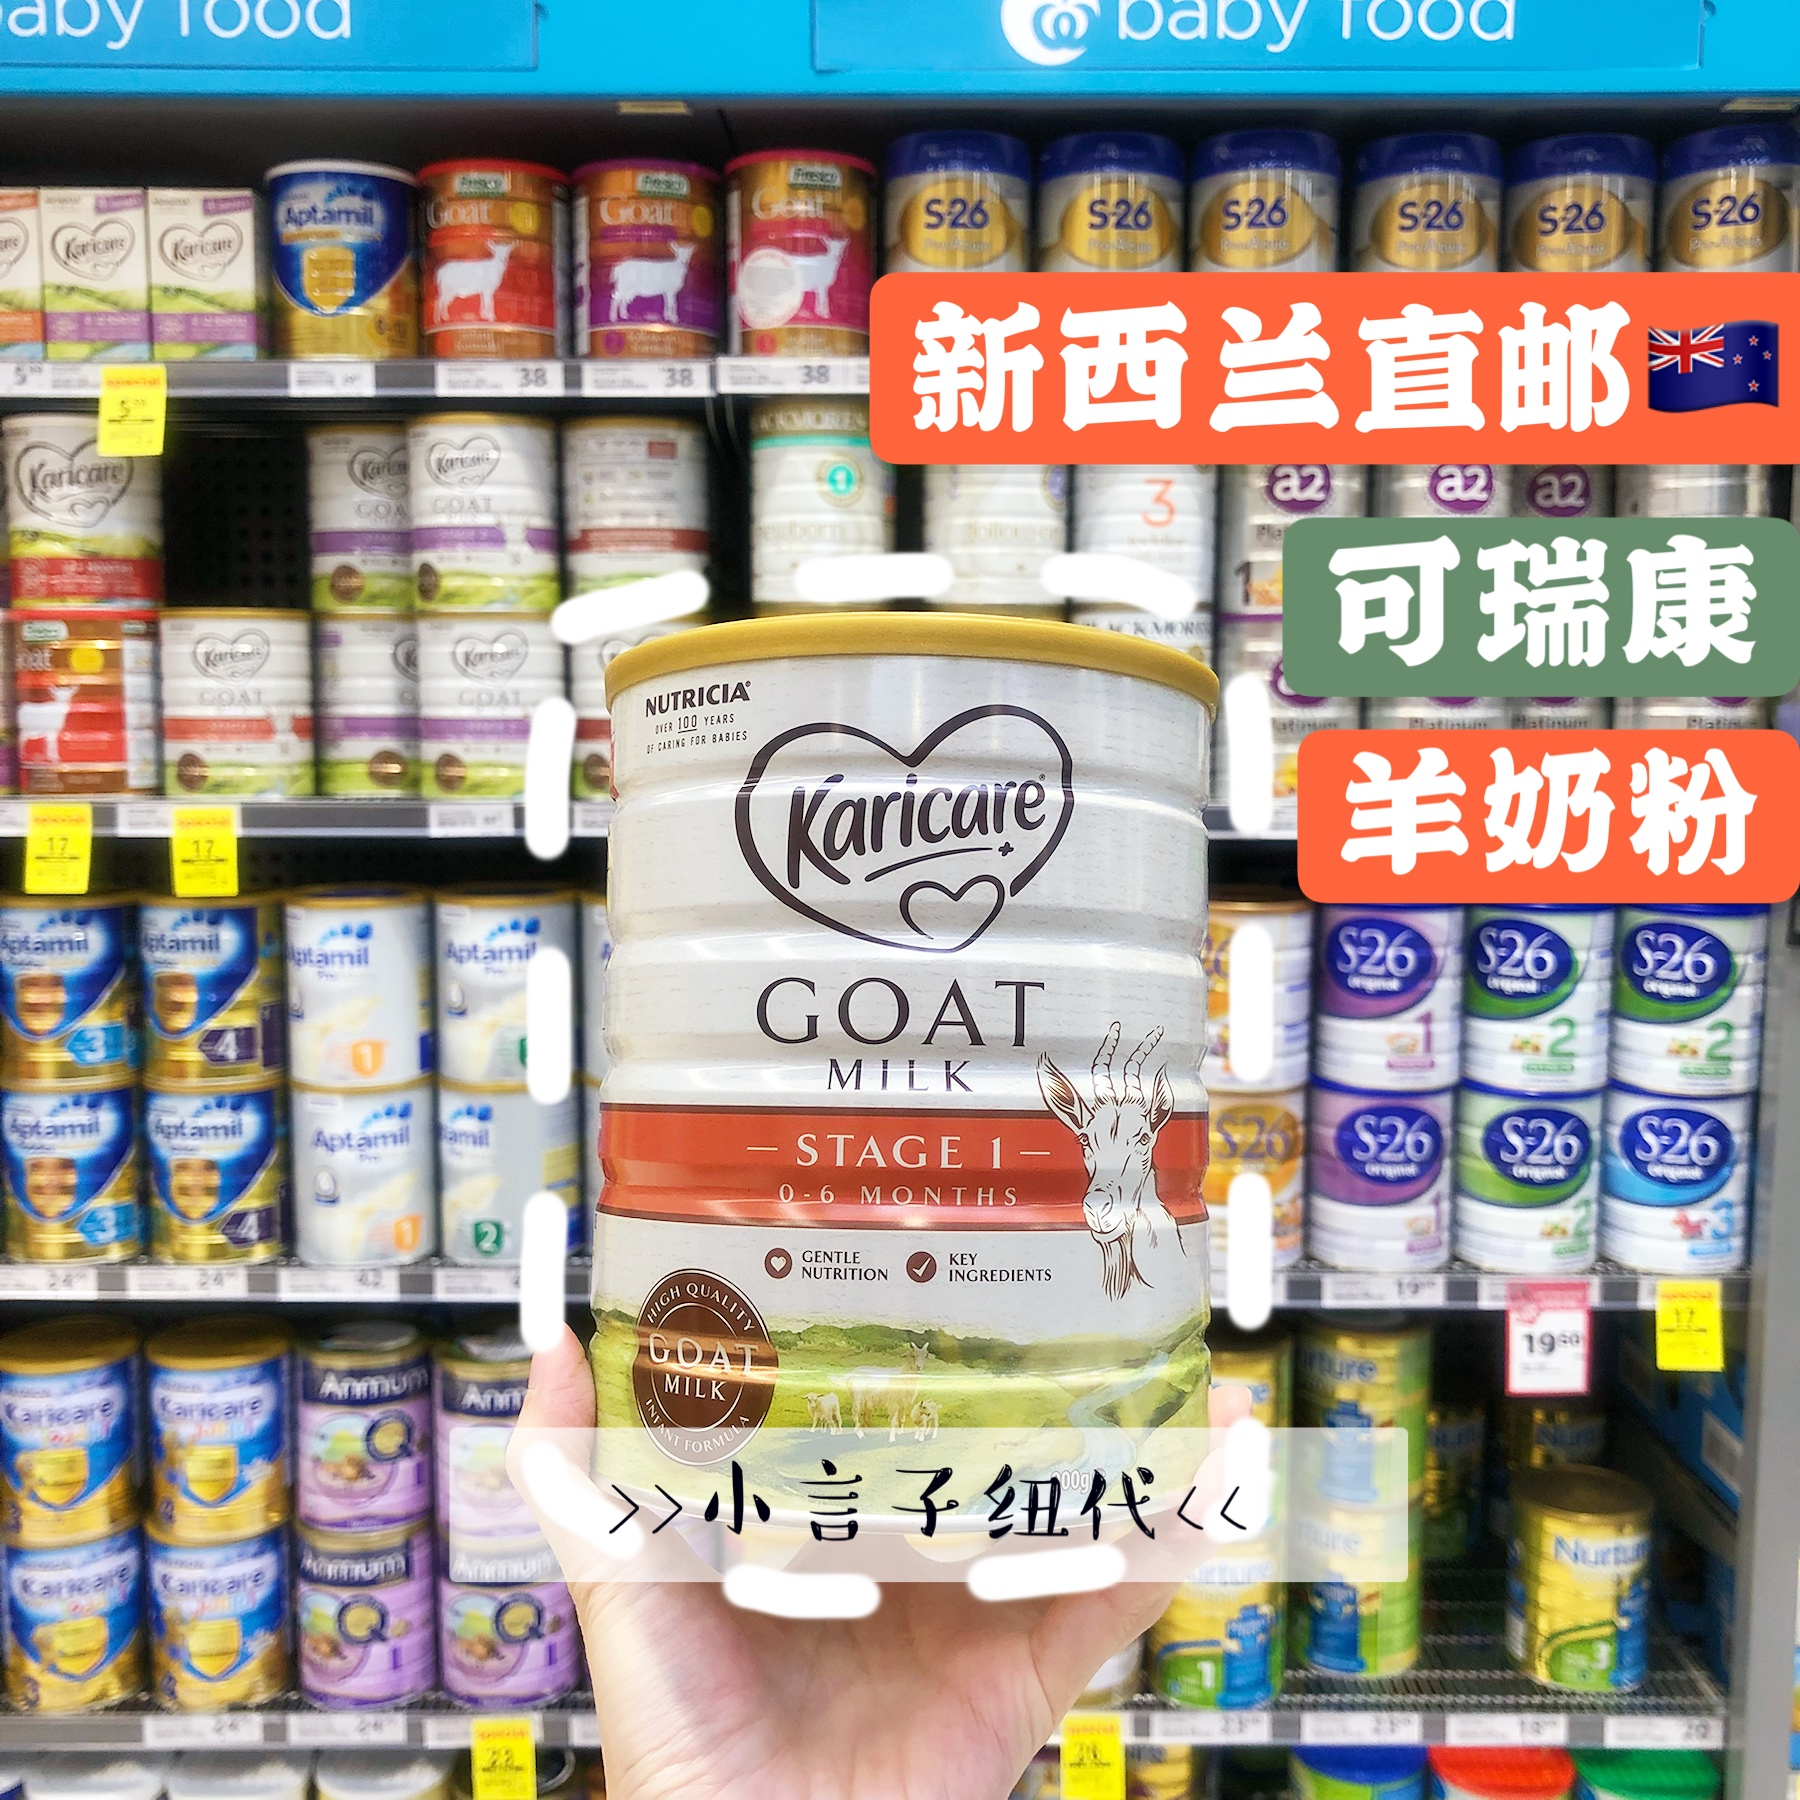 ニュージーランド直送カリカリ羊の粉ミルクの一部を輸入した乳児用羊の粉ミルクの6缶が郵送されています。